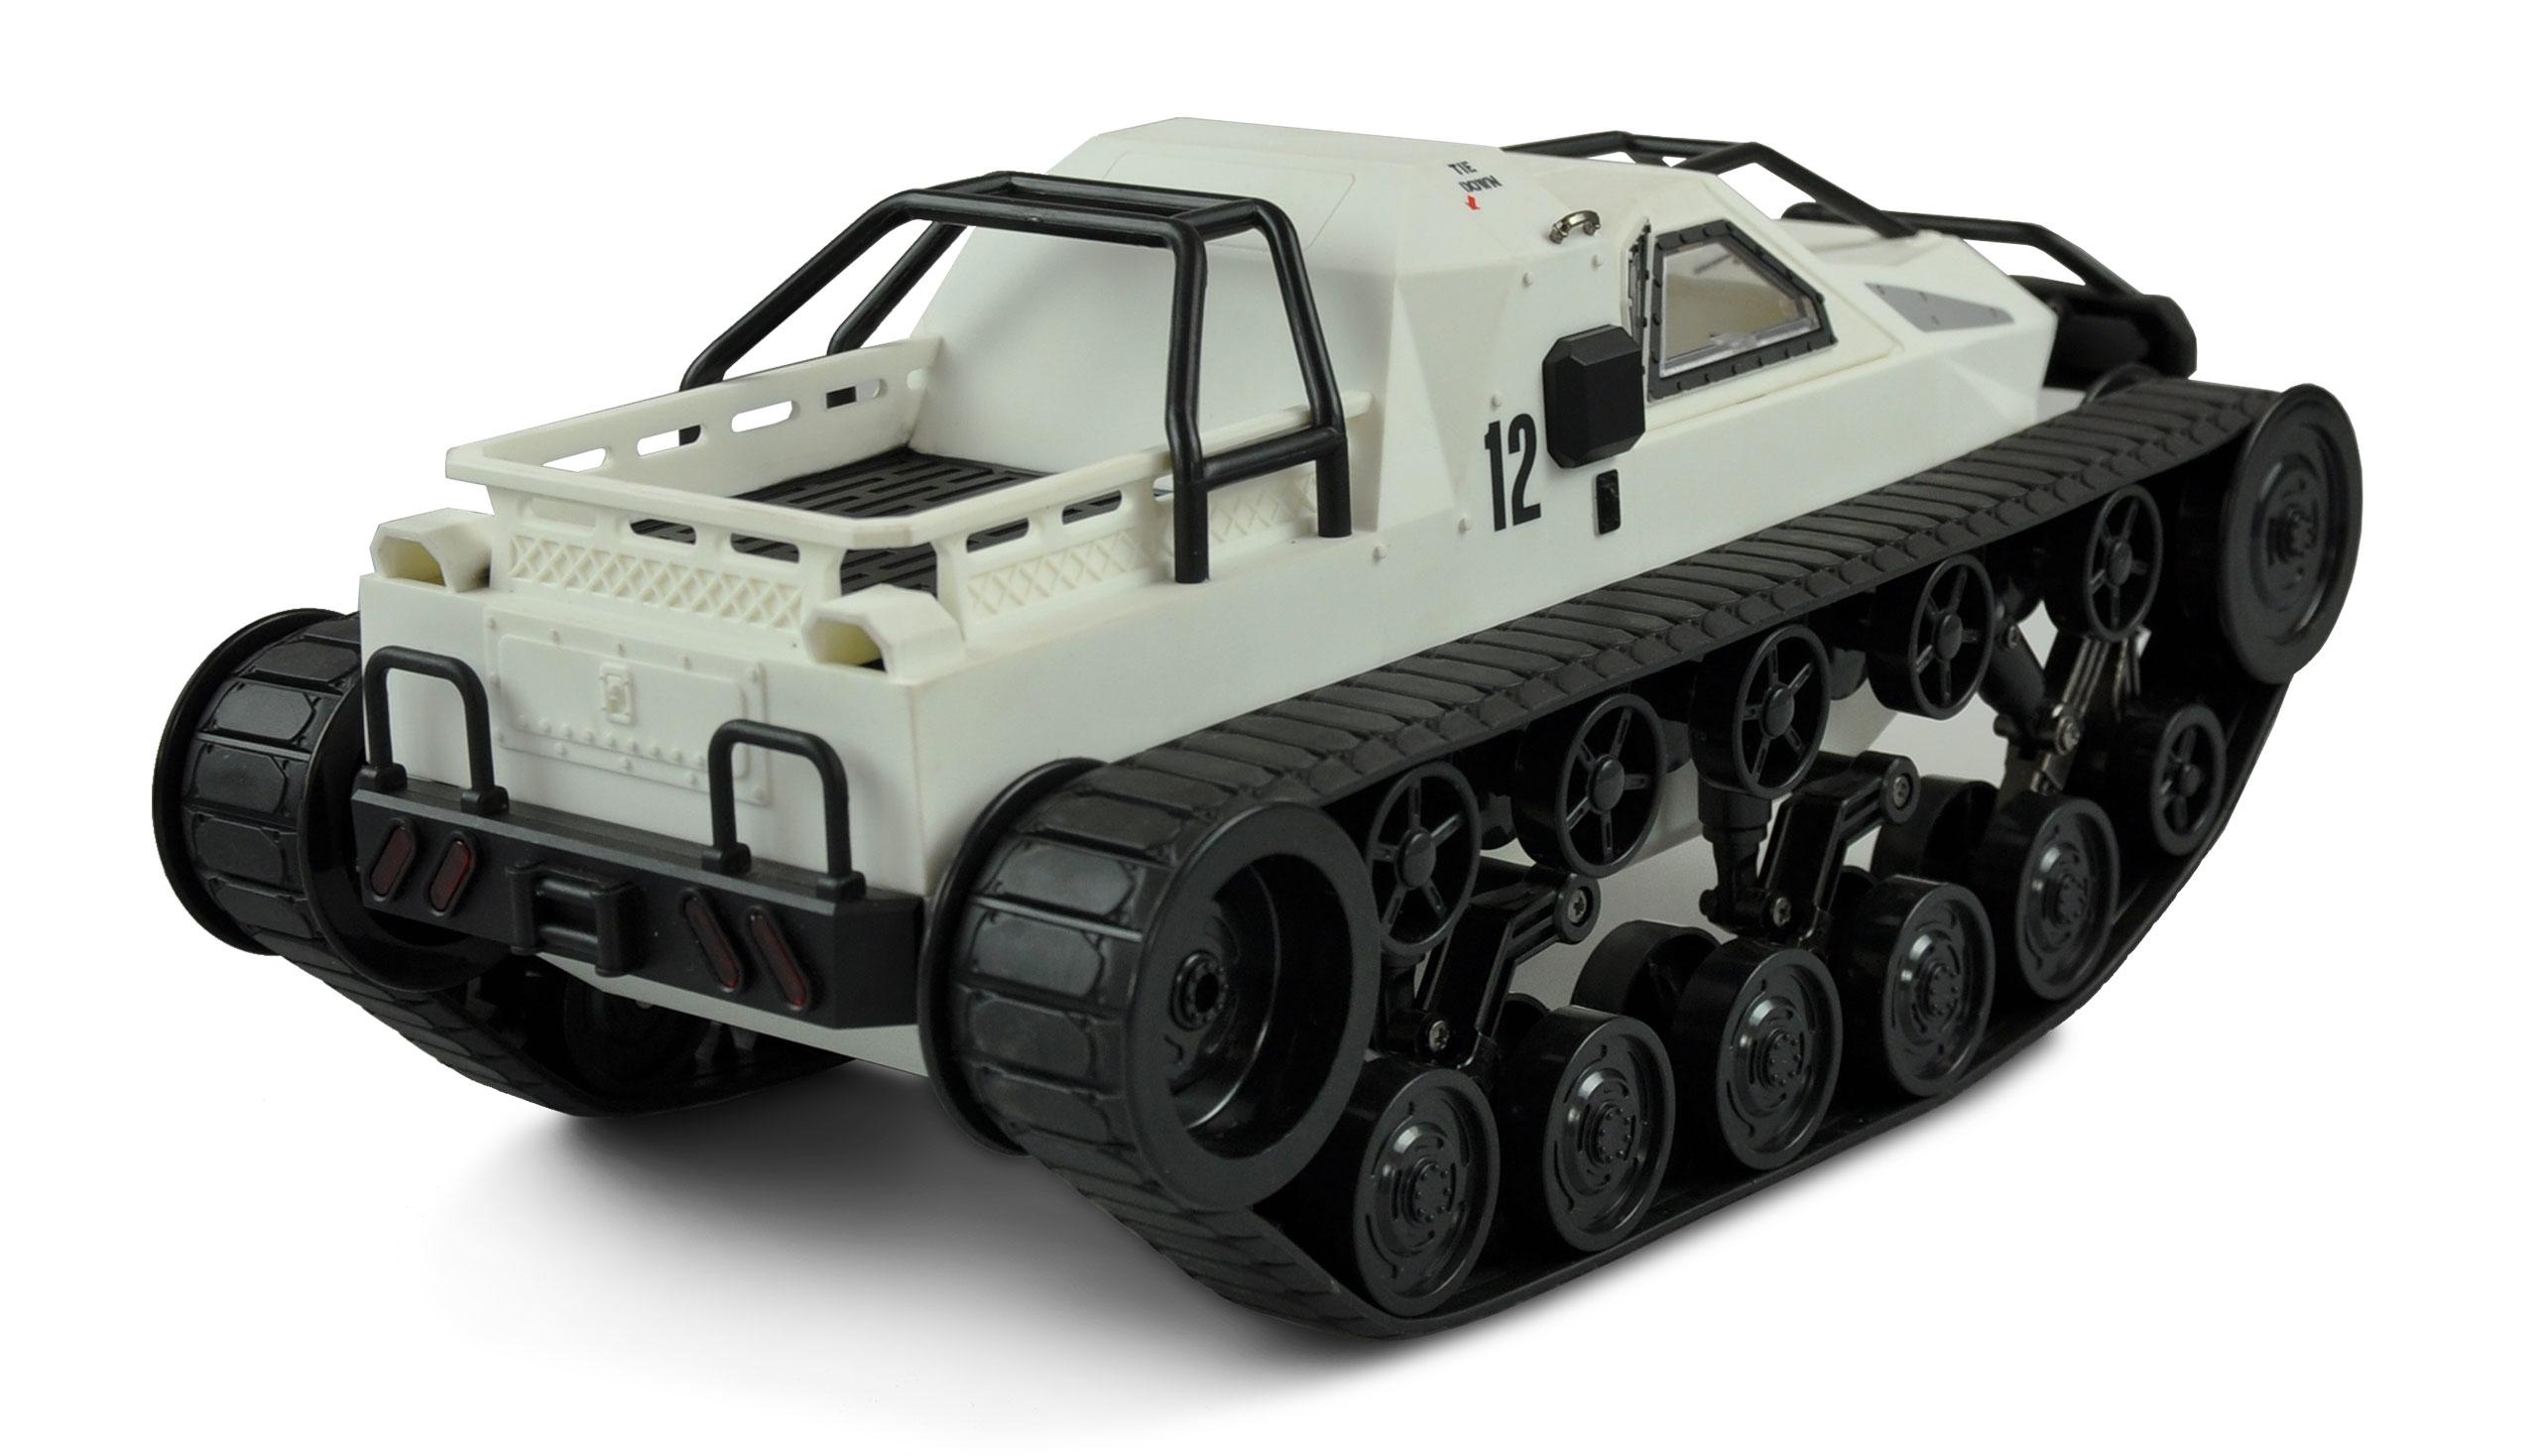 Amewi Military Police Kettenfahrzeug Weiss - Elektromotor - 1:12 - Betriebsbereit (RTR) - Schwarz - Weiß - Junge/Mädchen - 14 Jahr(e)